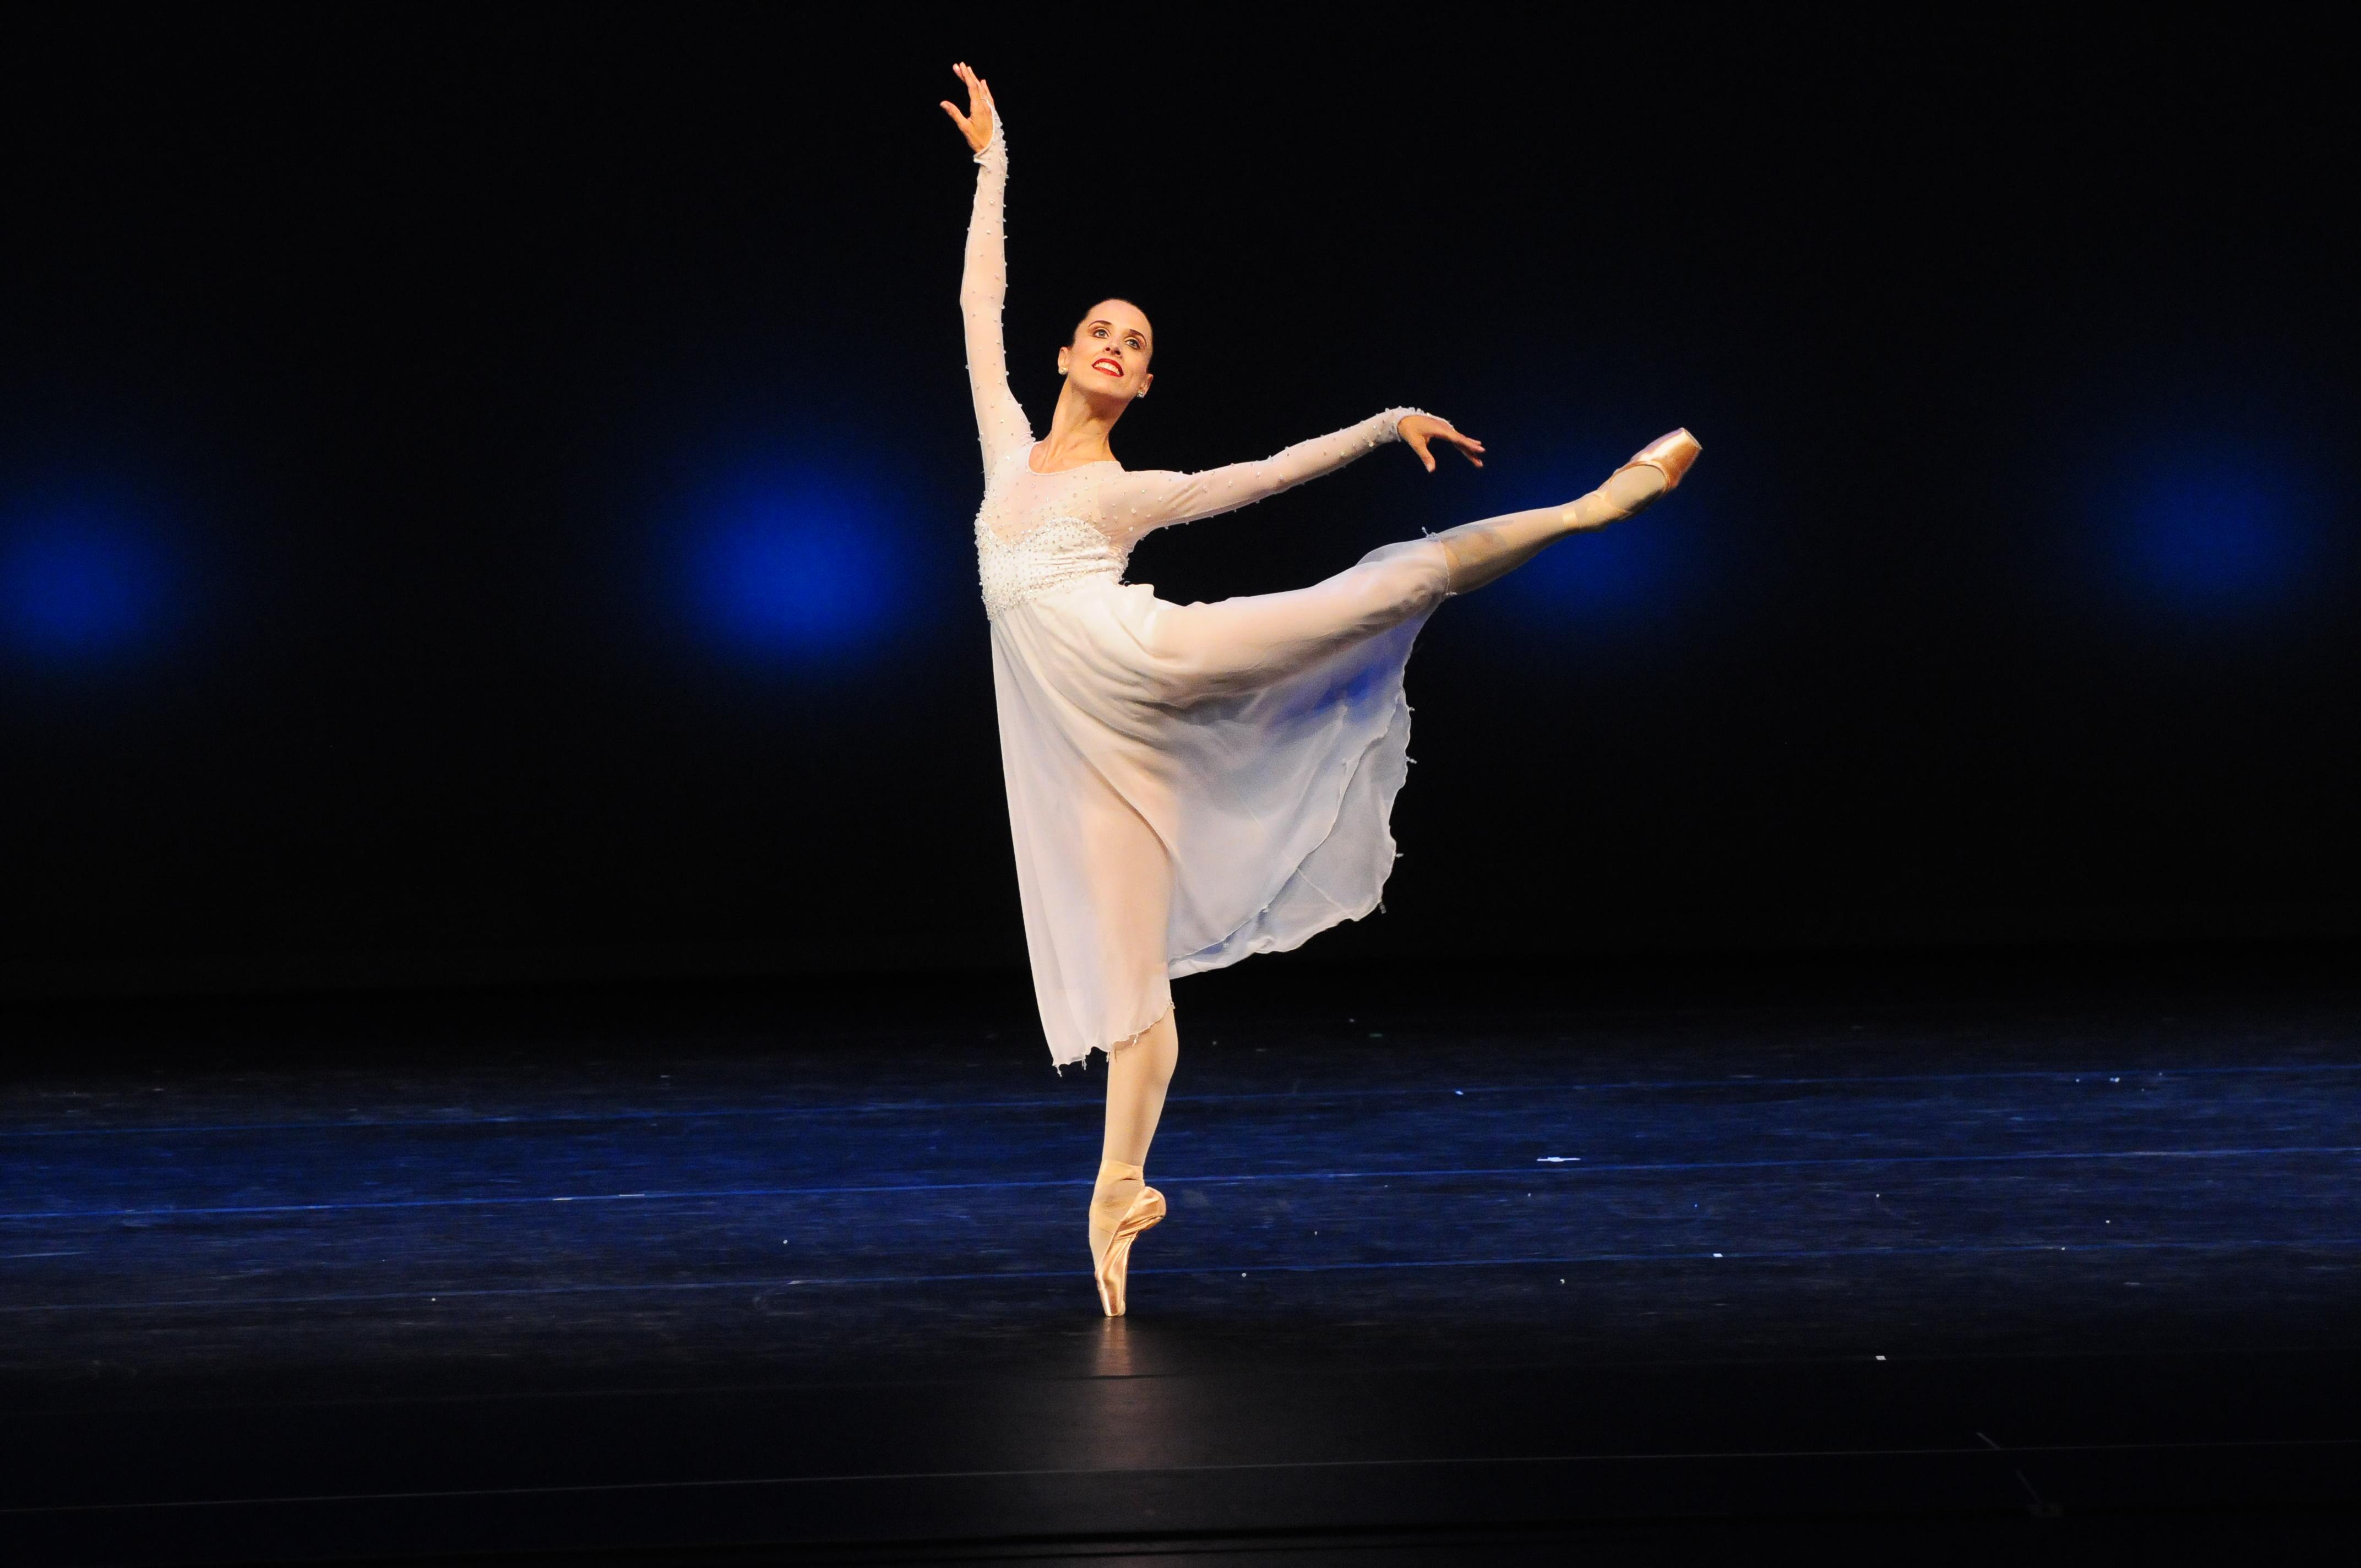 María Noel Riccetto, luego de su carrera como solista en el ABT, no creía posible bailar nuevamente en Uruguay de modo profesional. Foto: Gentileza BNS.